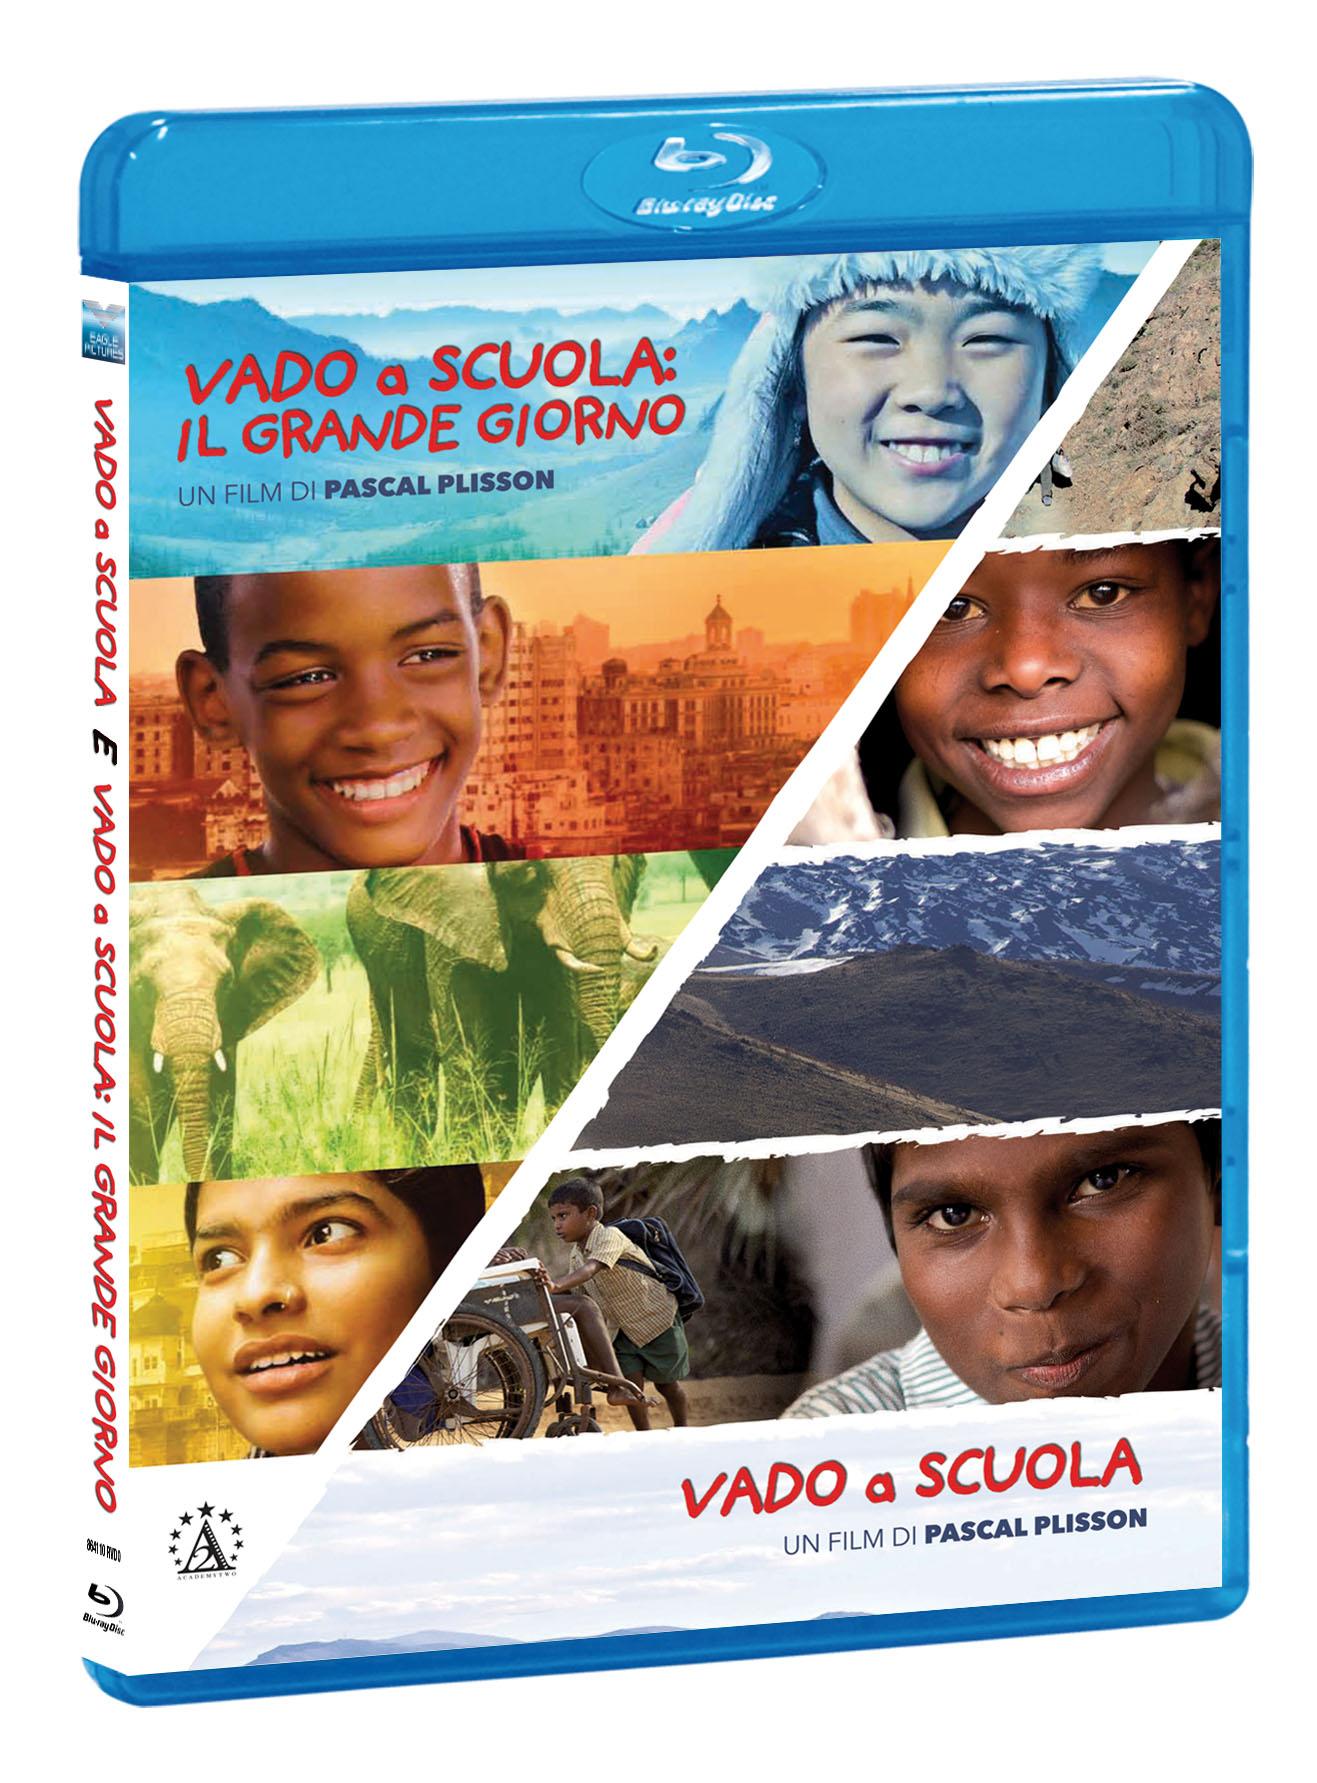 COF.VADO A SCUOLA / VADO A SCUOLA: IL GRANDE GIORNO (2 BLU-RAY)